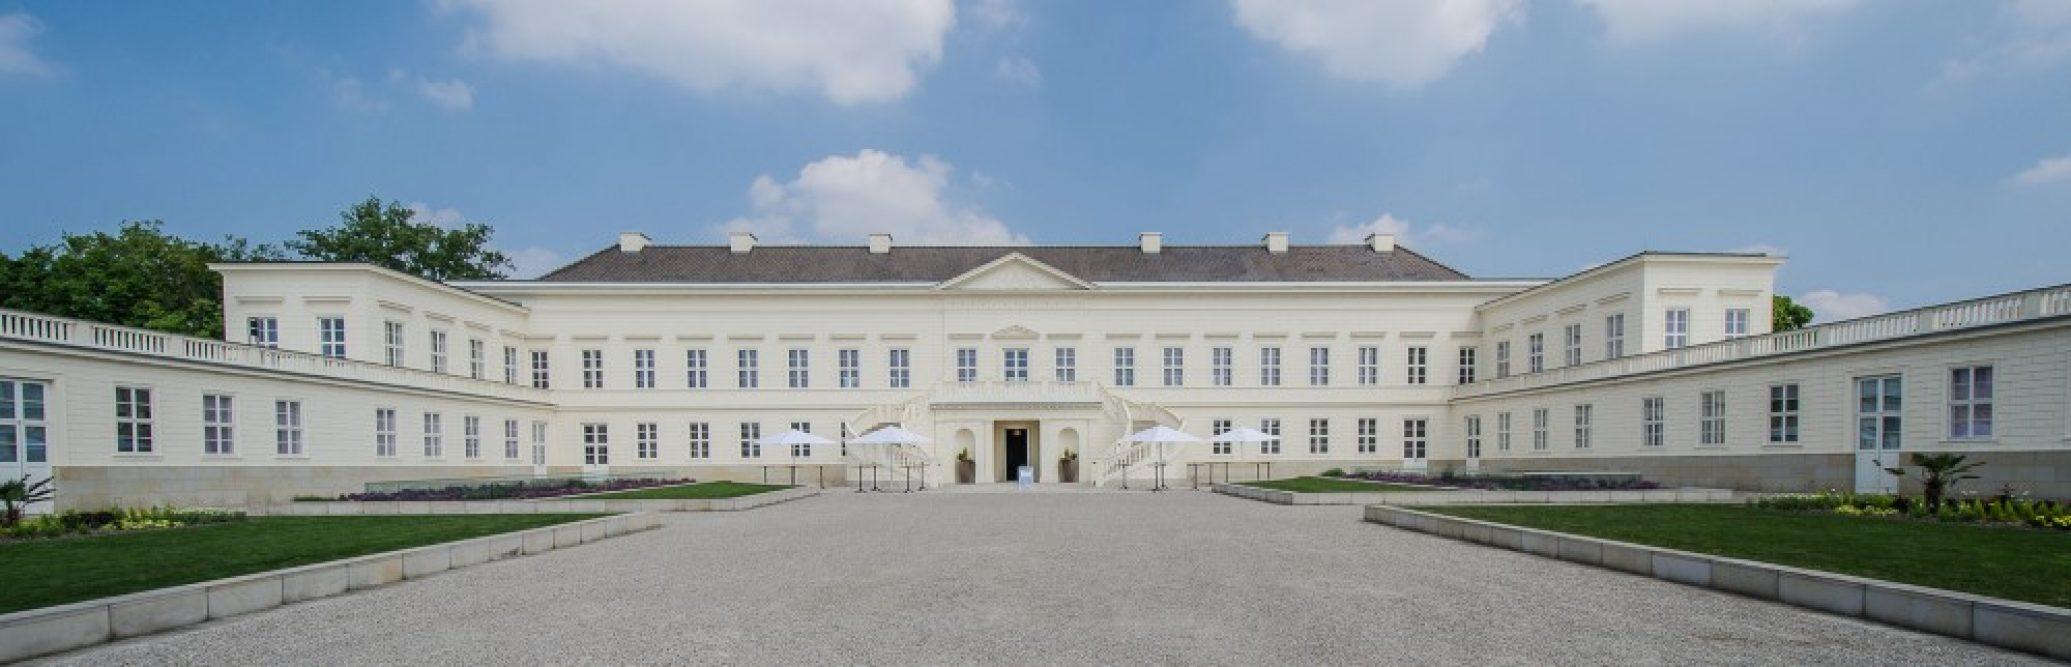 Platz 20 - Volkhardt Lembcke - Herrenhausen Schloss